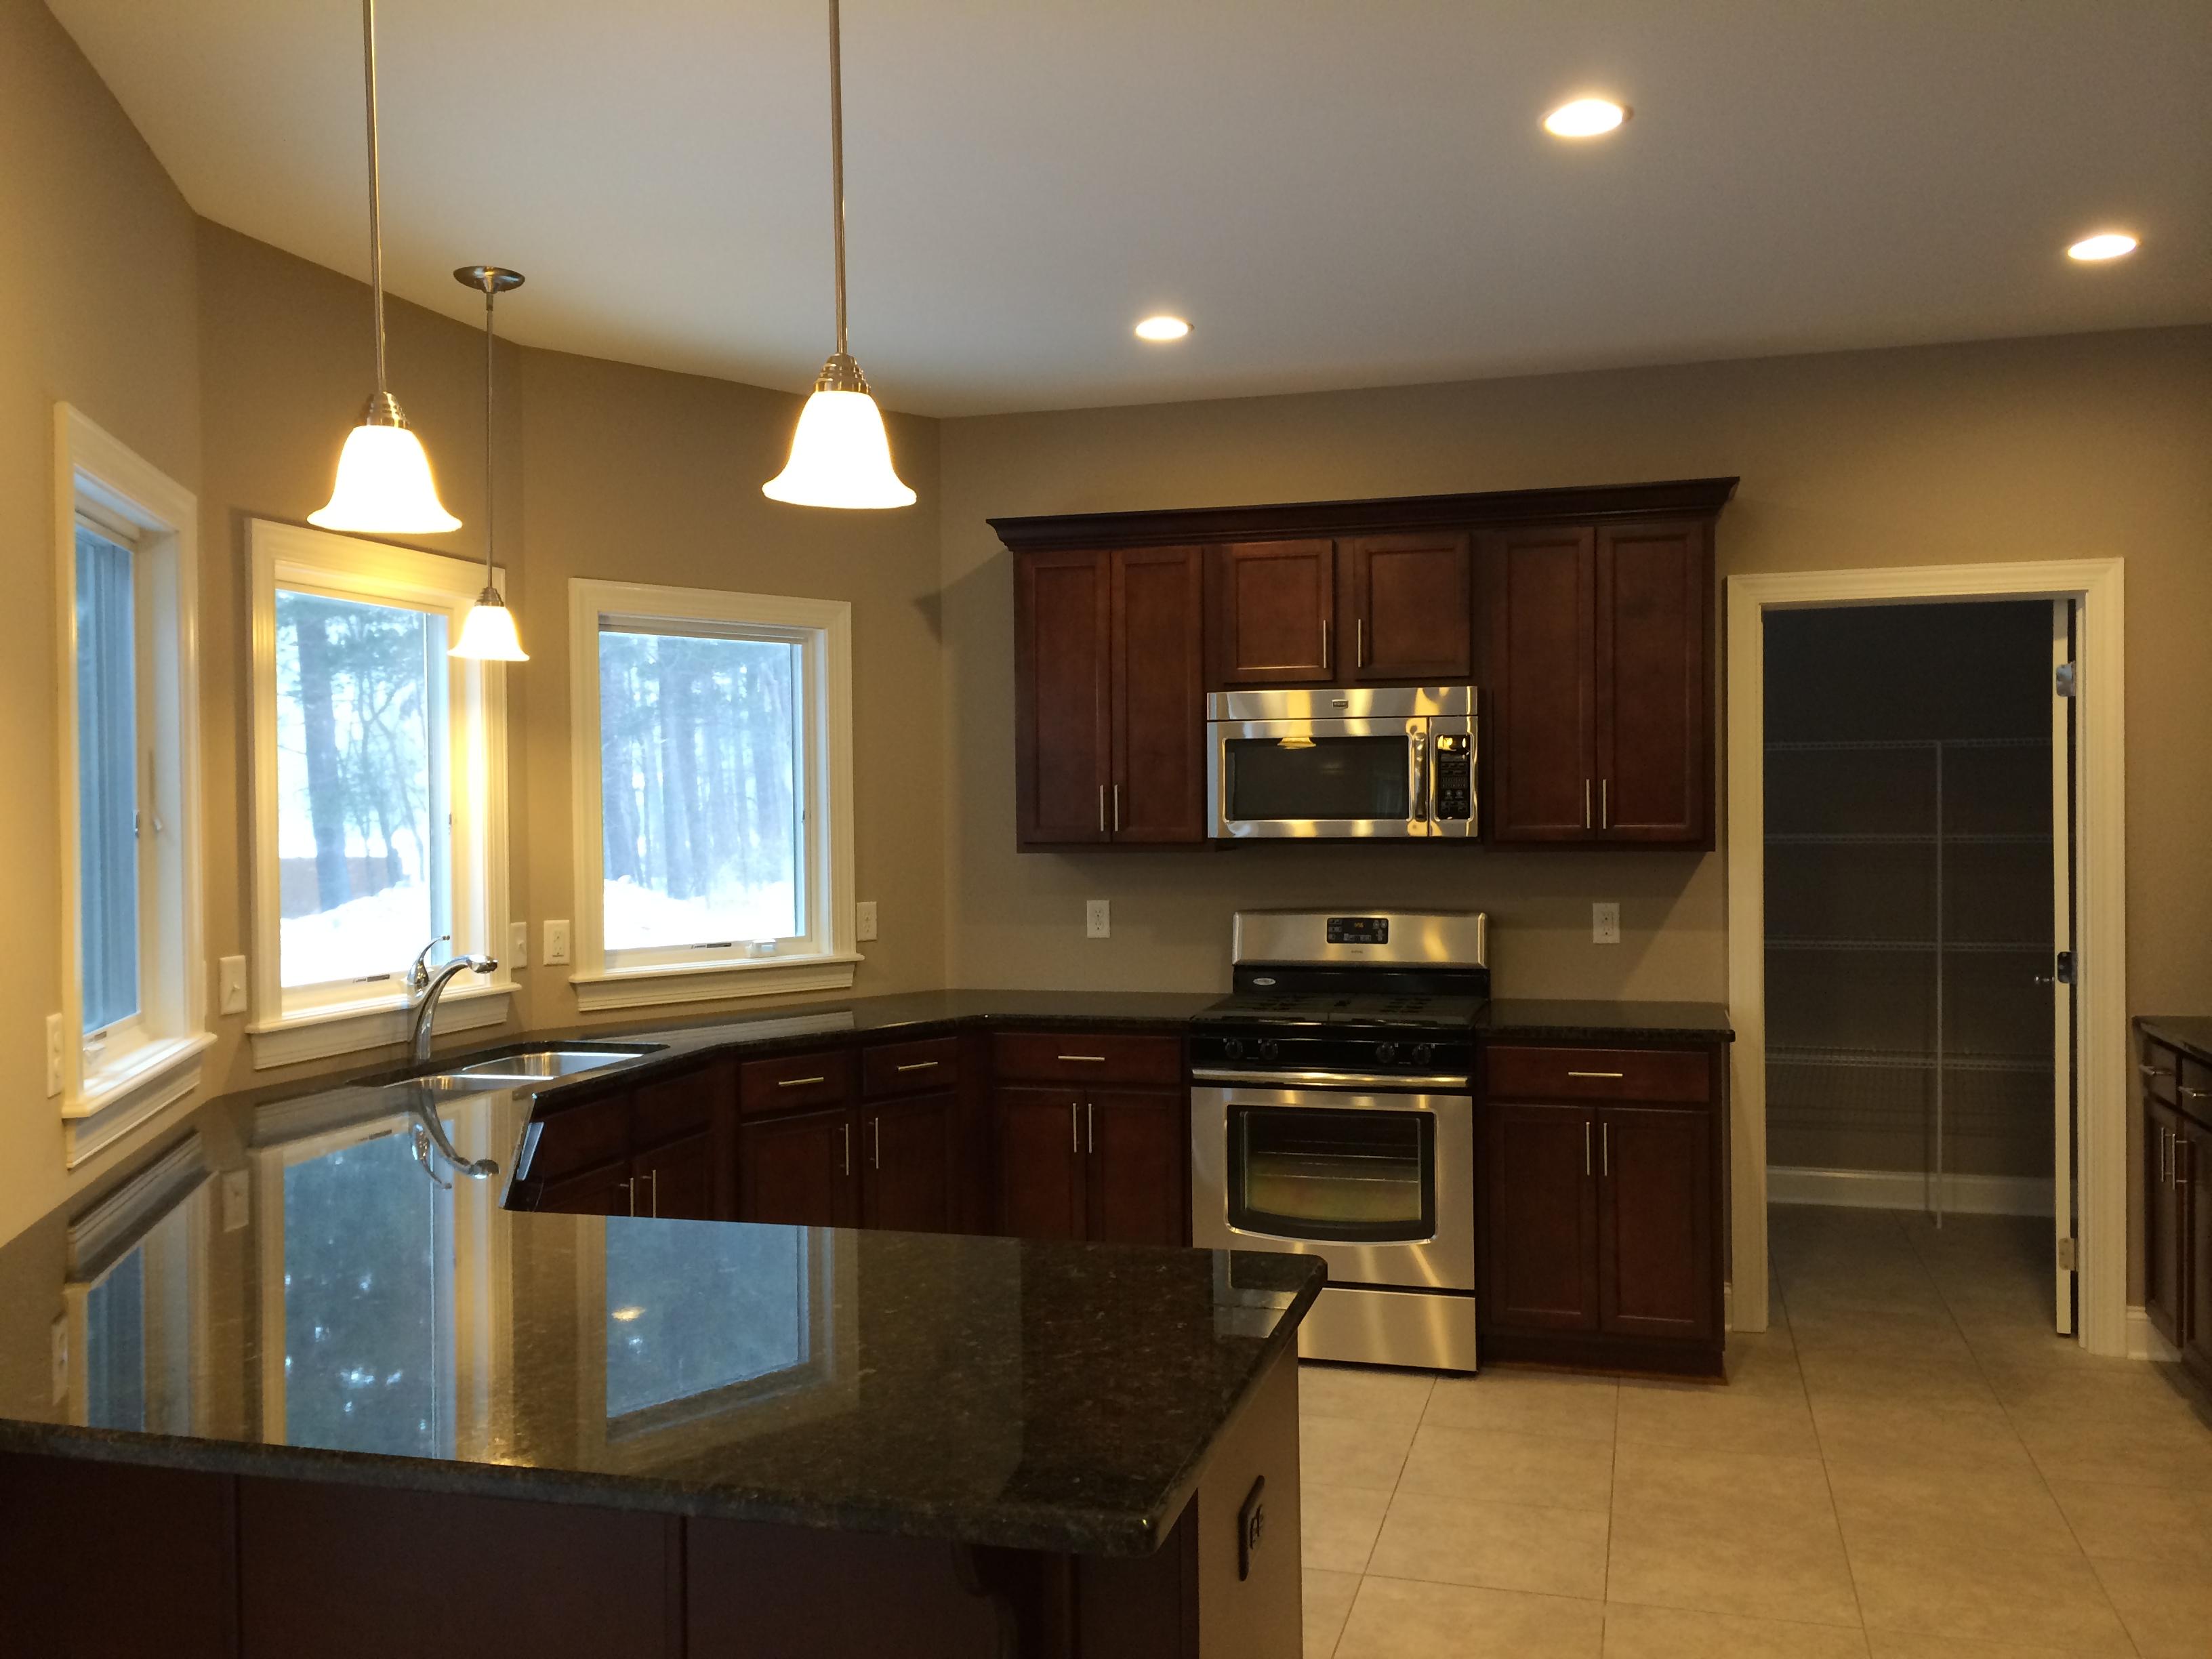 83 avalon kitchen interior thumb